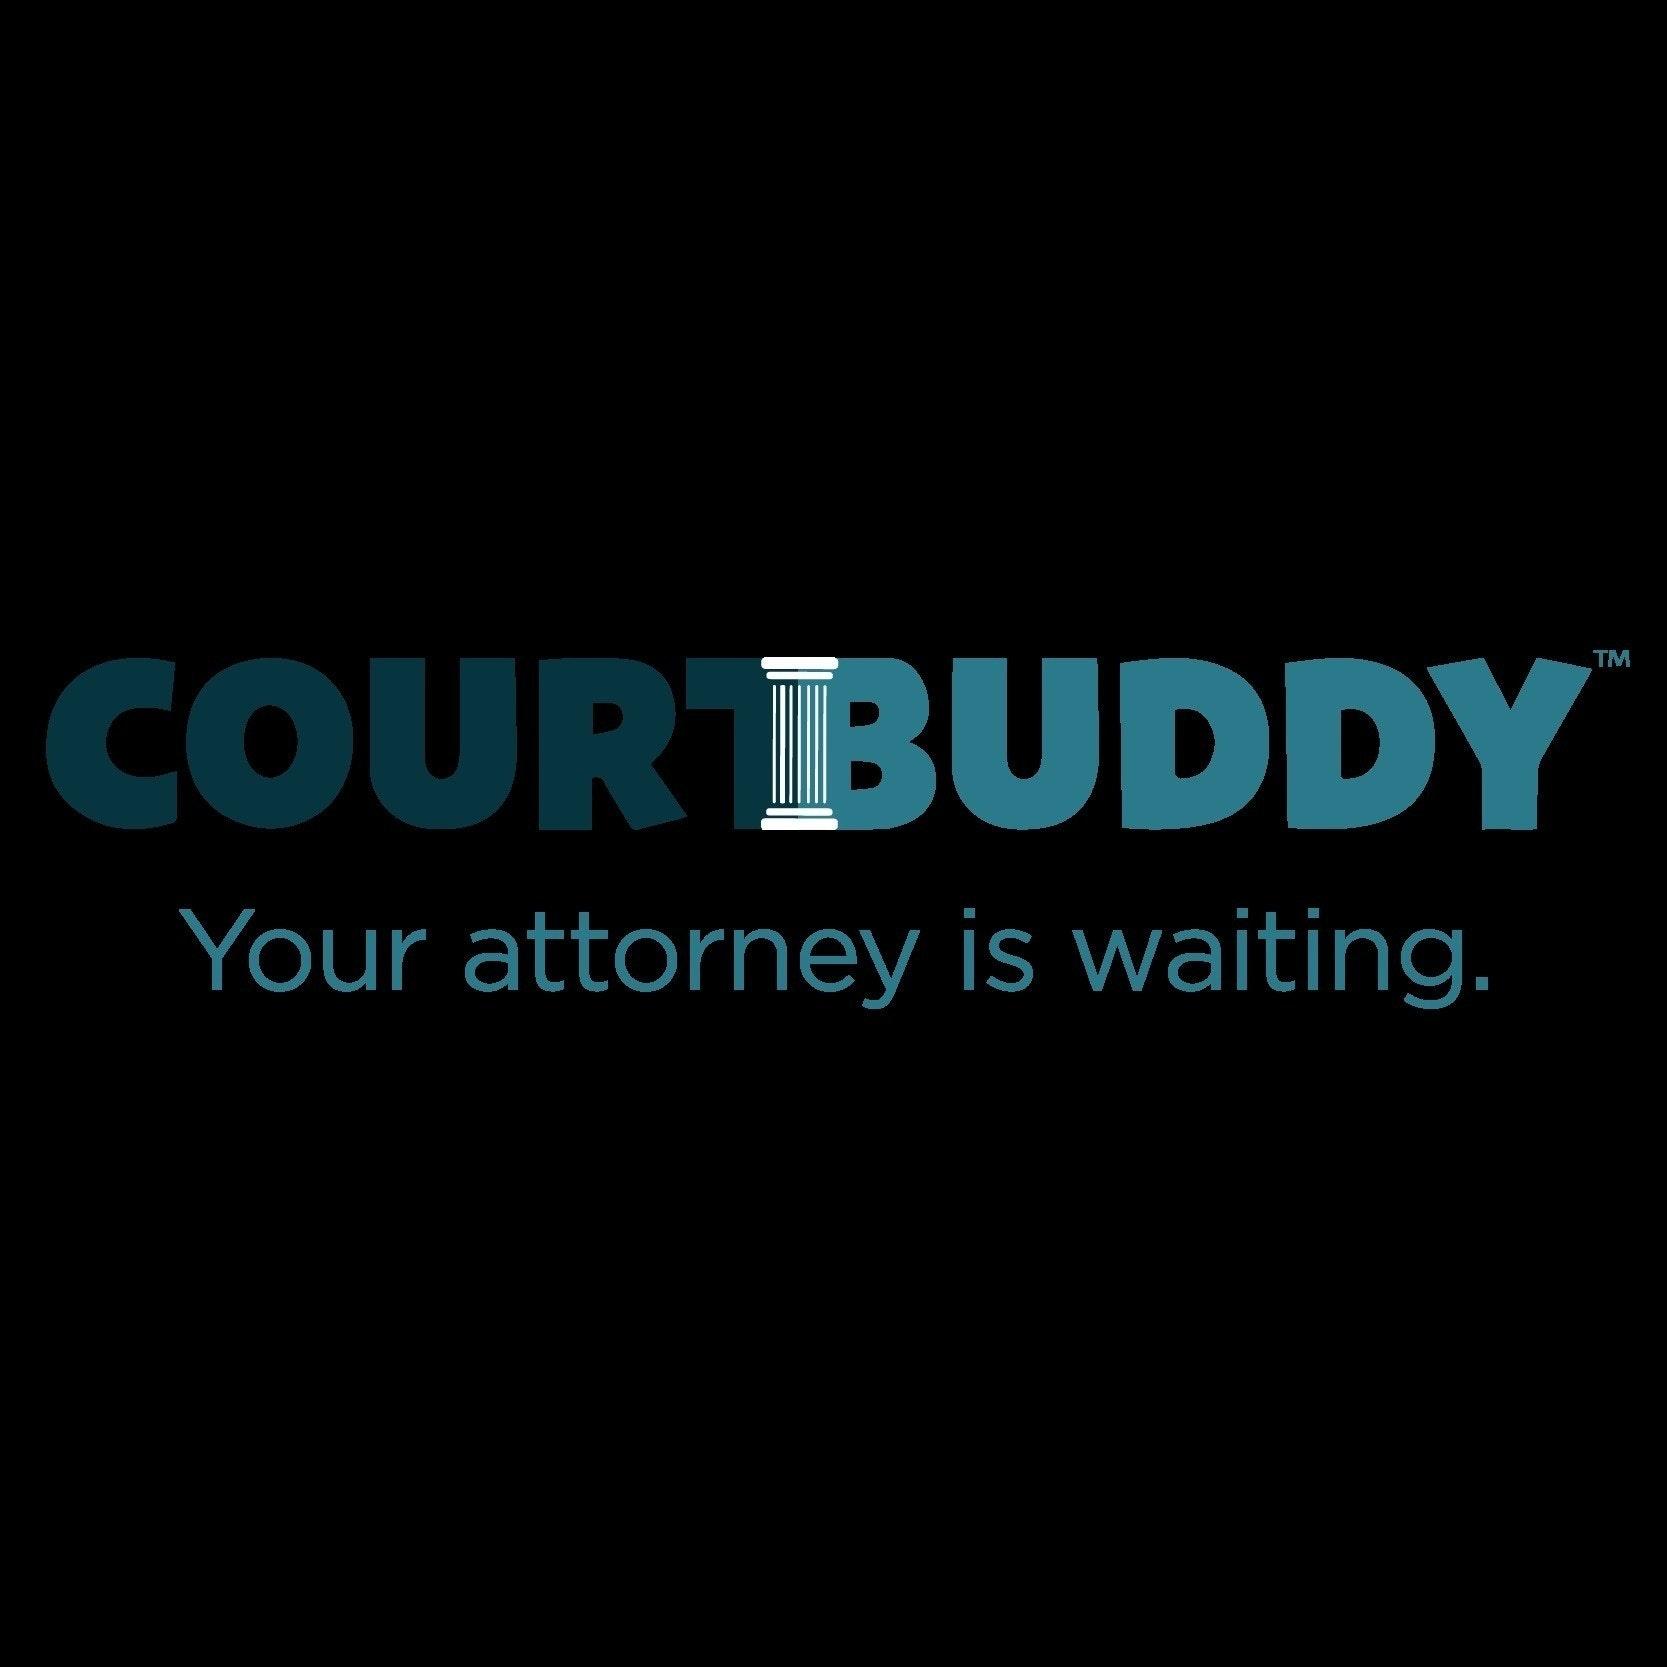 Courtbuddy.com